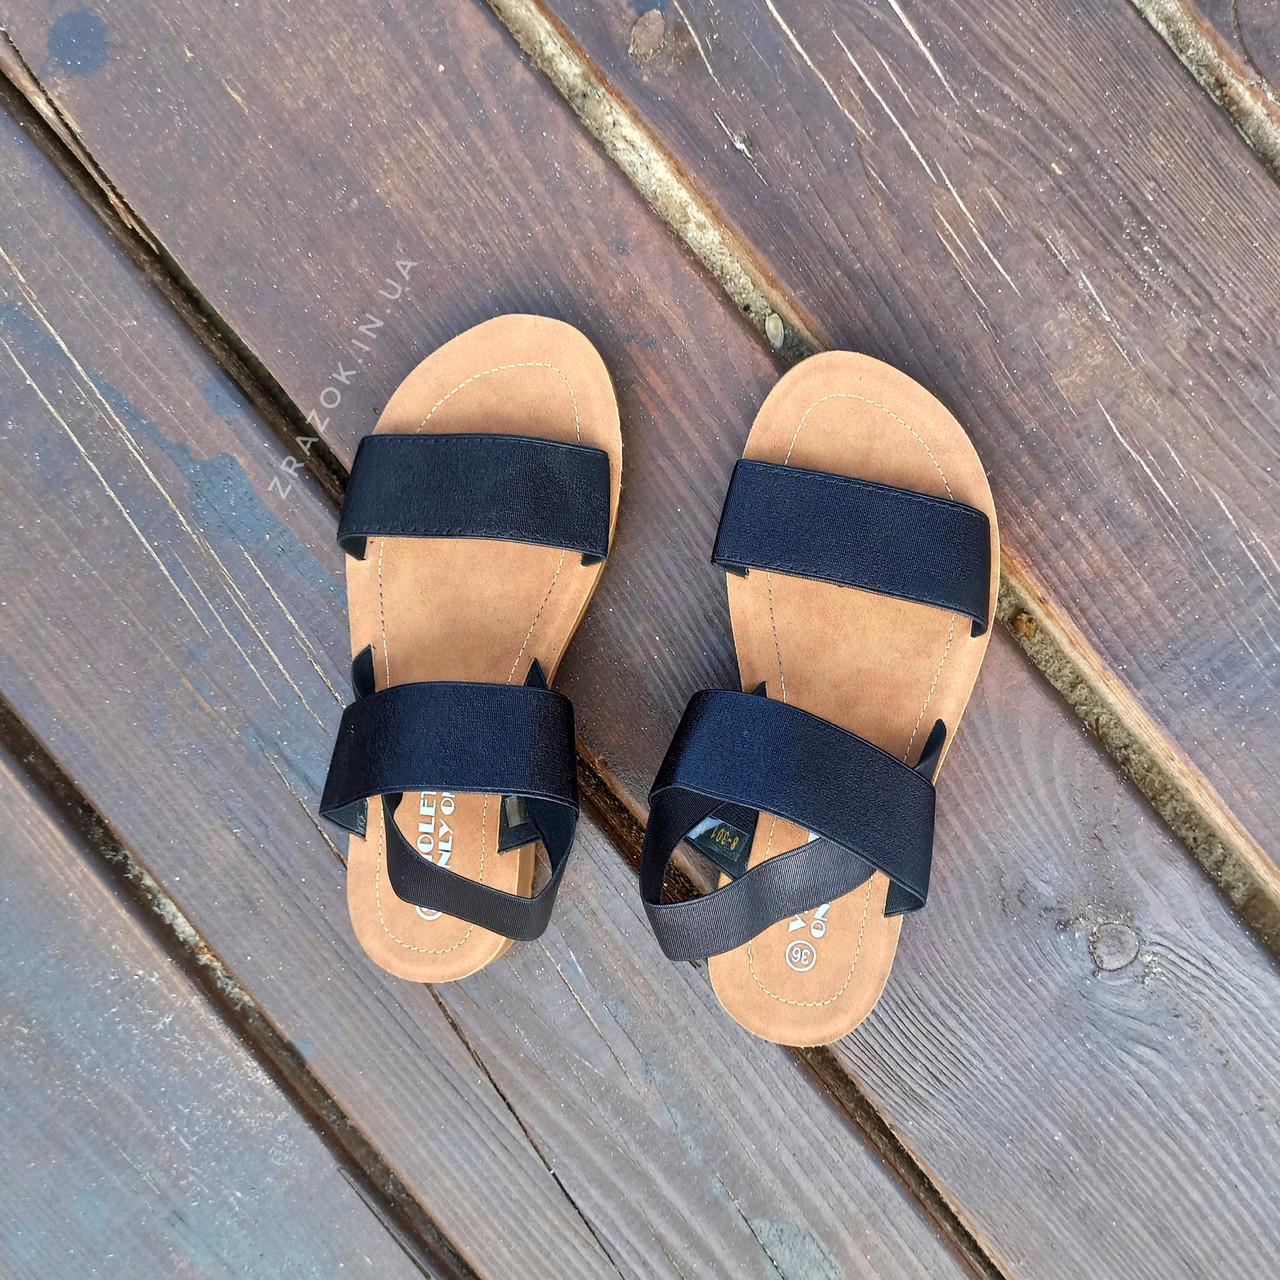 Чорні босоніжки, шльопанці тапки жіночі сандалі на резинці Чорні босоніжки шльопанці тапки сандалі